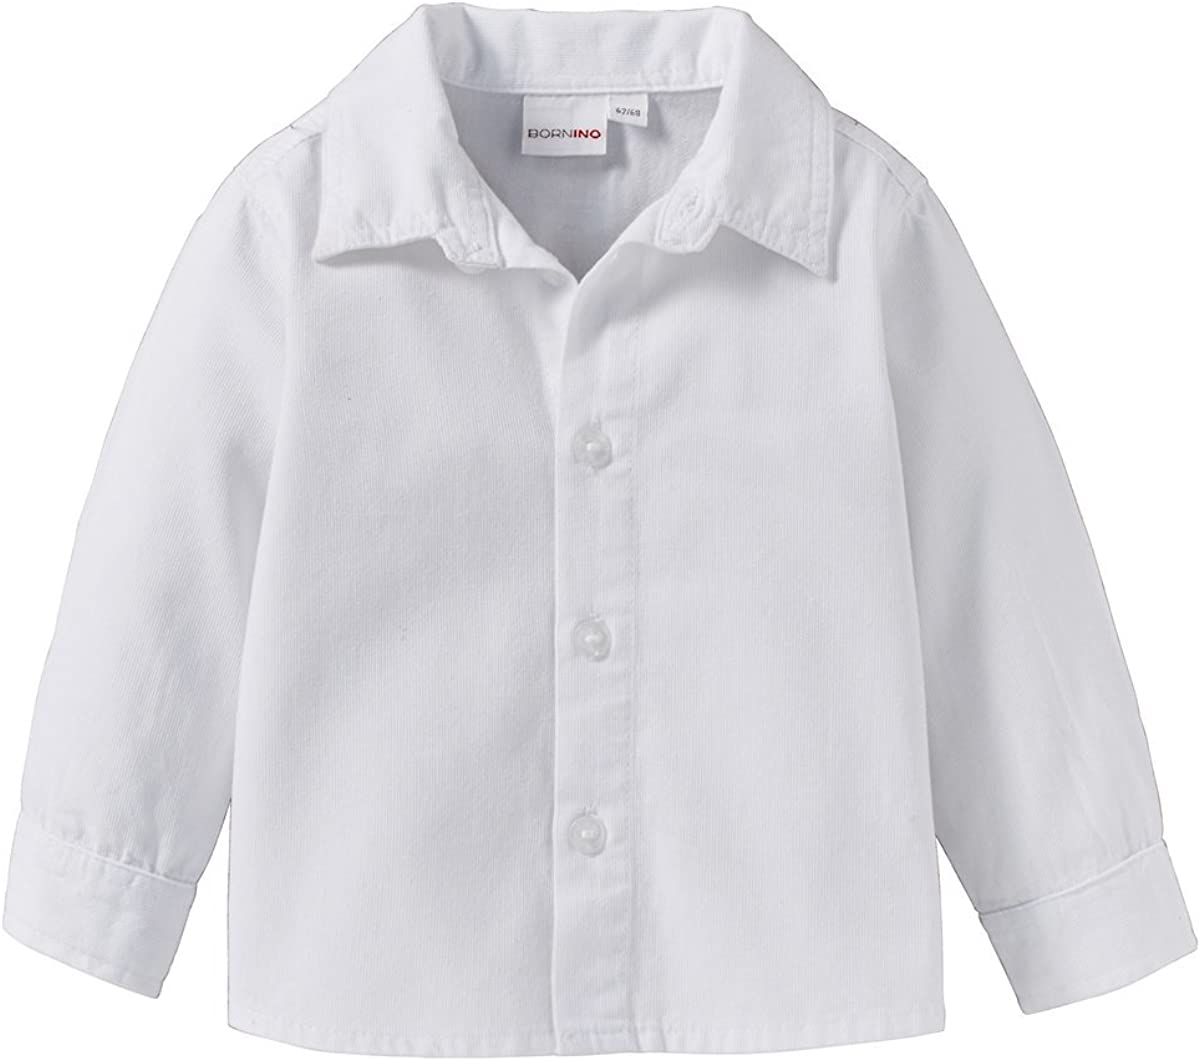 Bornino 4-TLG Set Festliche Mode//Babybekleidung Junge//Anzug//rot//wei/ß//schwarz